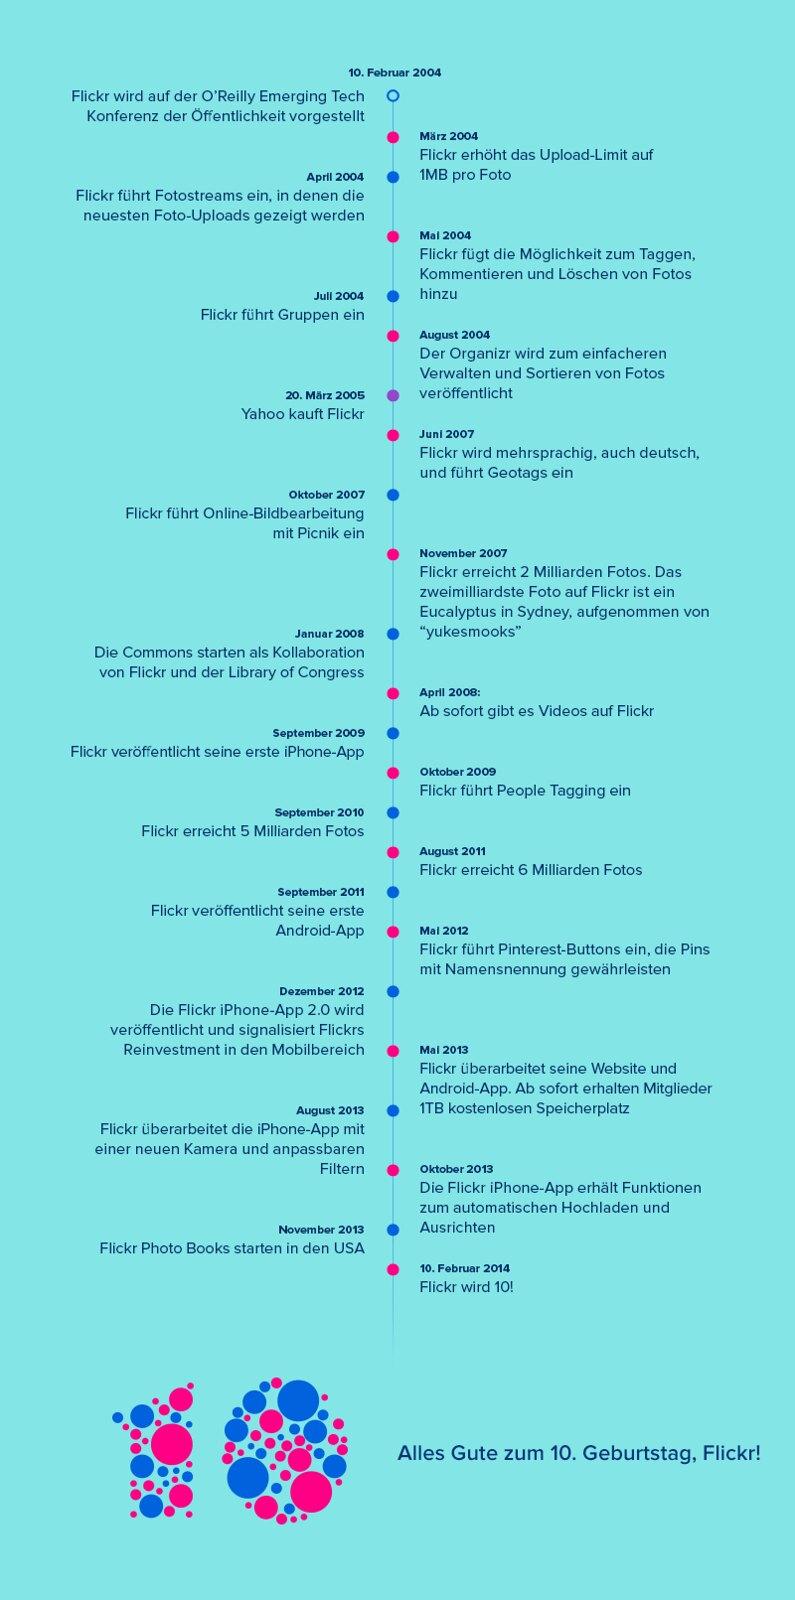 Zeitstrahl der vergangenen 10 Flickr-Jahre